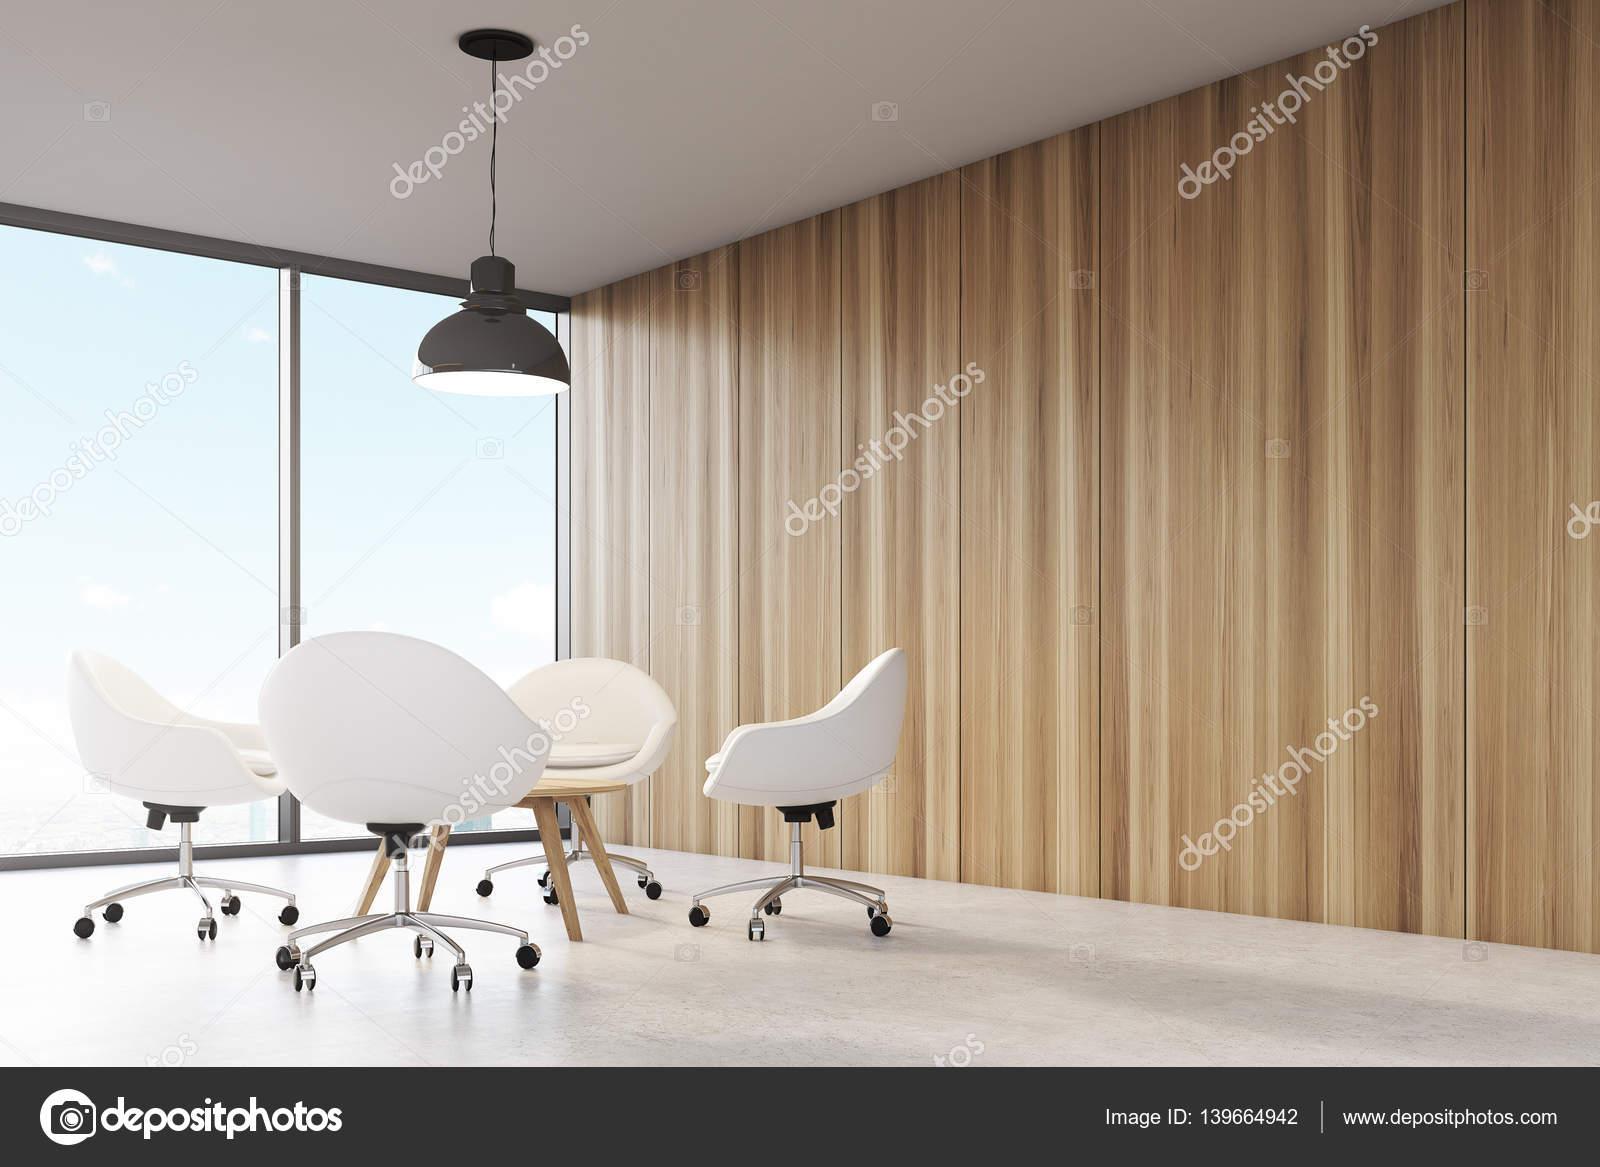 Kamer met houten wanden groot panoramisch raam een zwart plafond lamp hangend boven een tafel - Verf een houten plafond ...